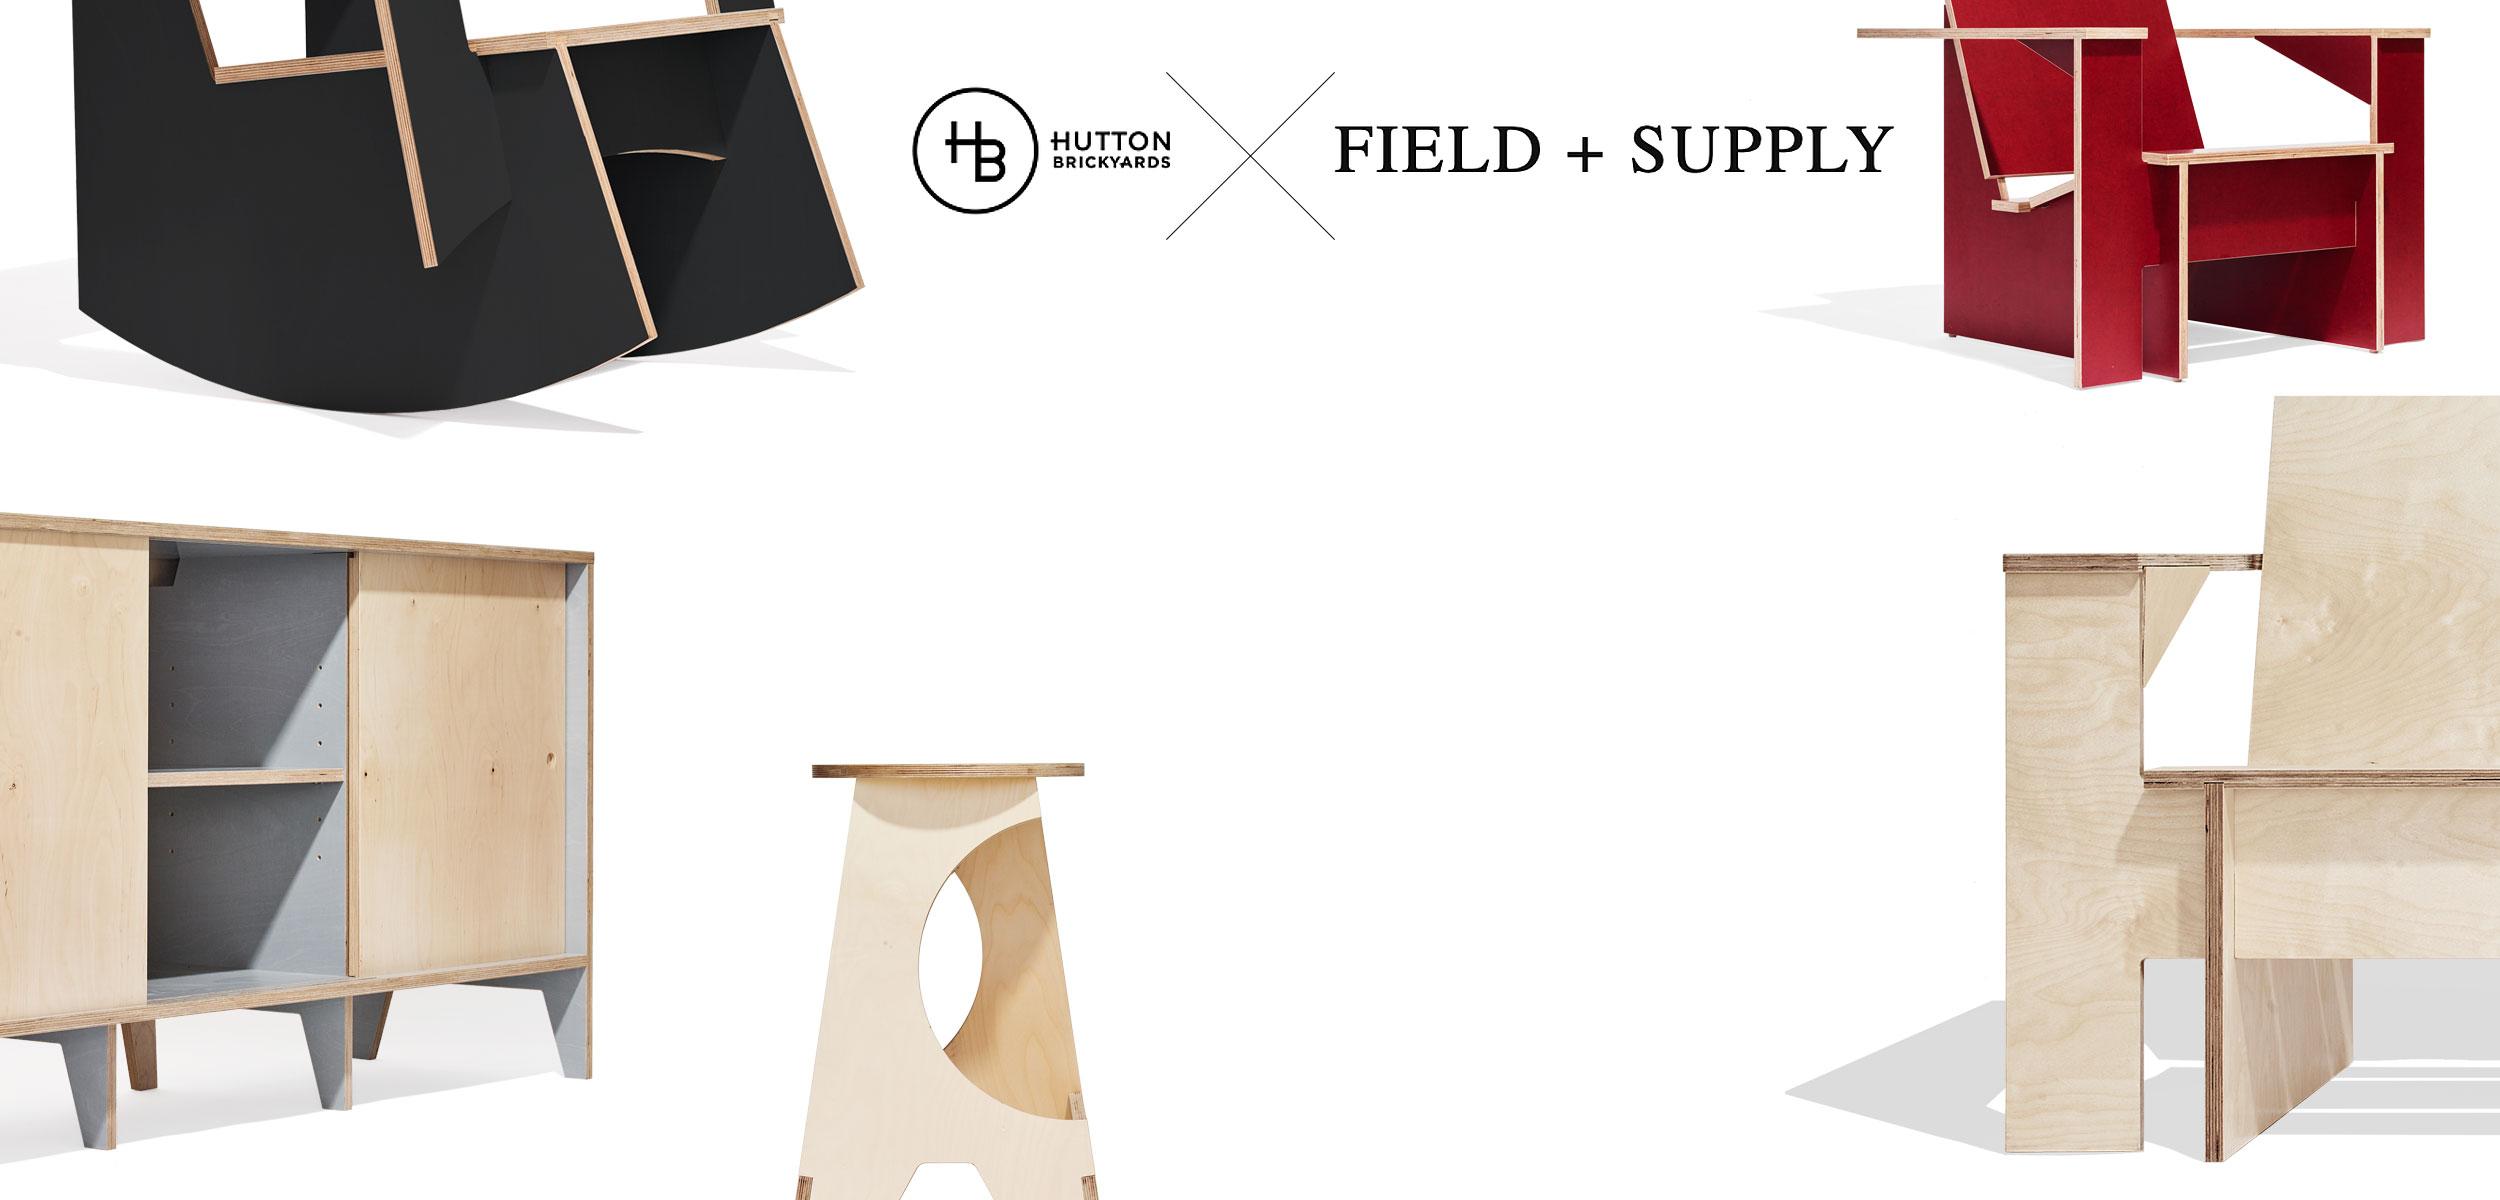 Field + Supply 2019 - May 24, 25+26 - Hutton Brickyards, NY